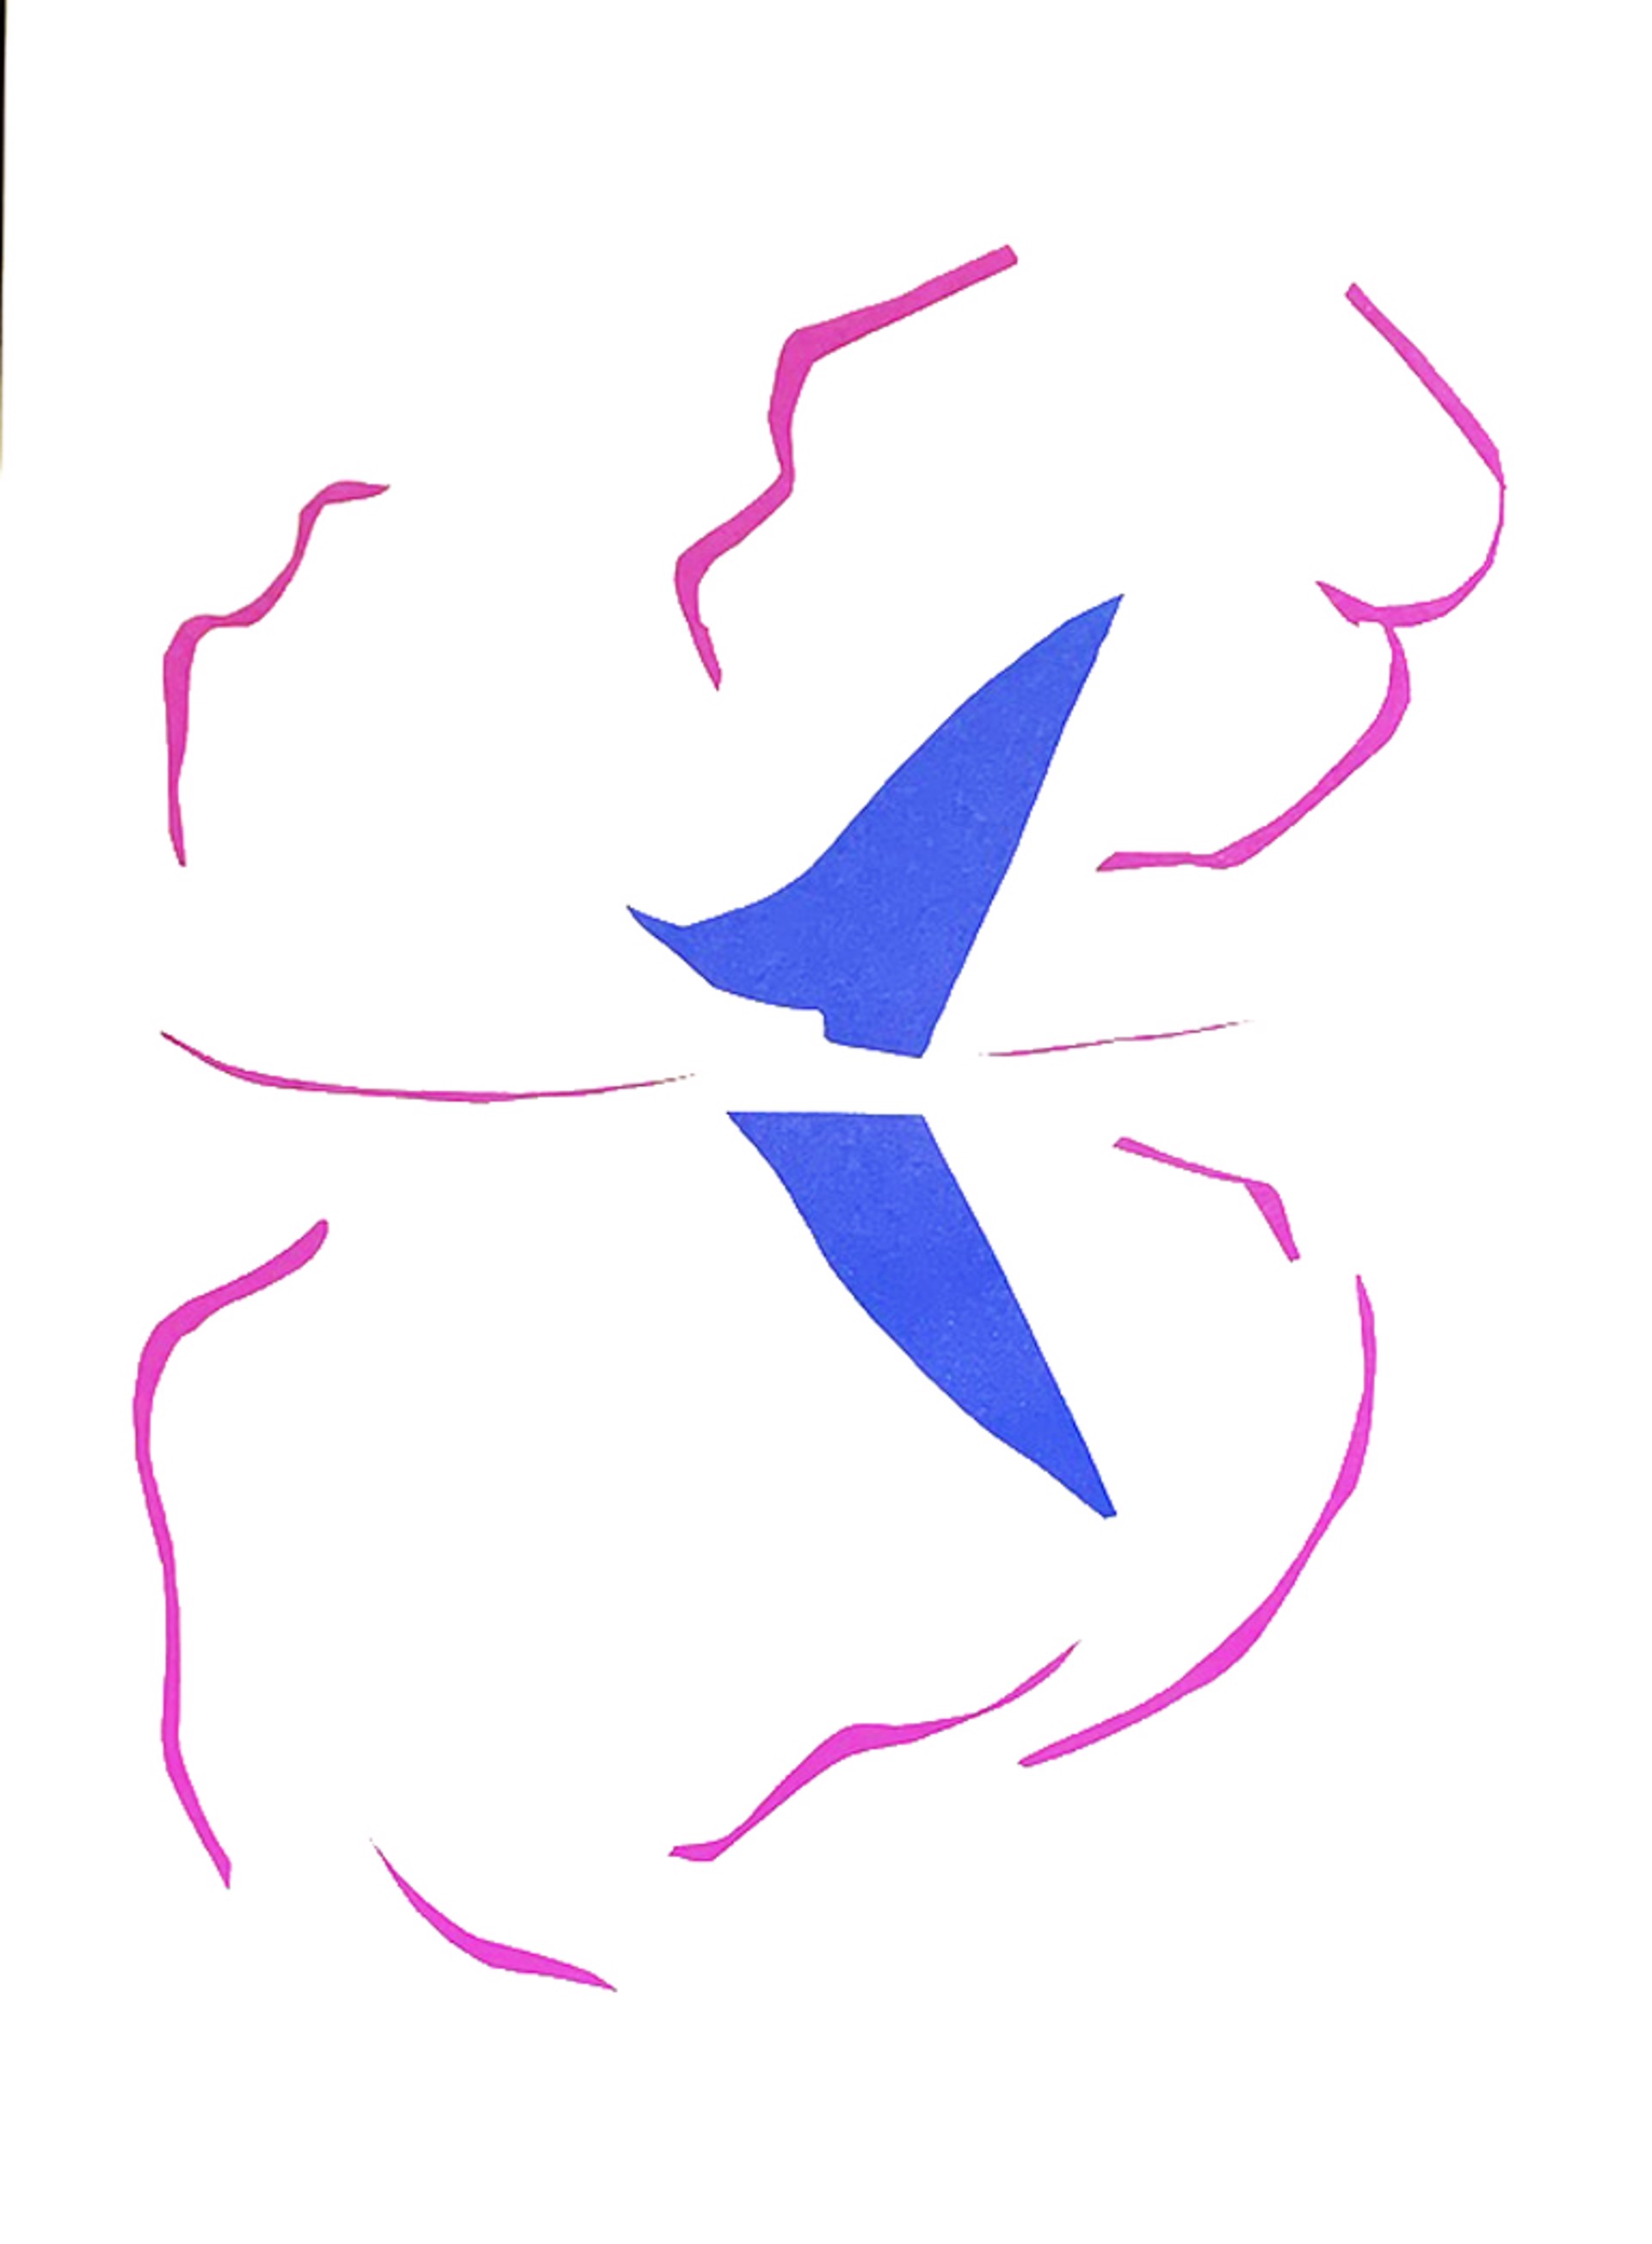 Bateau by Henri Matisse (1869 - 1954)